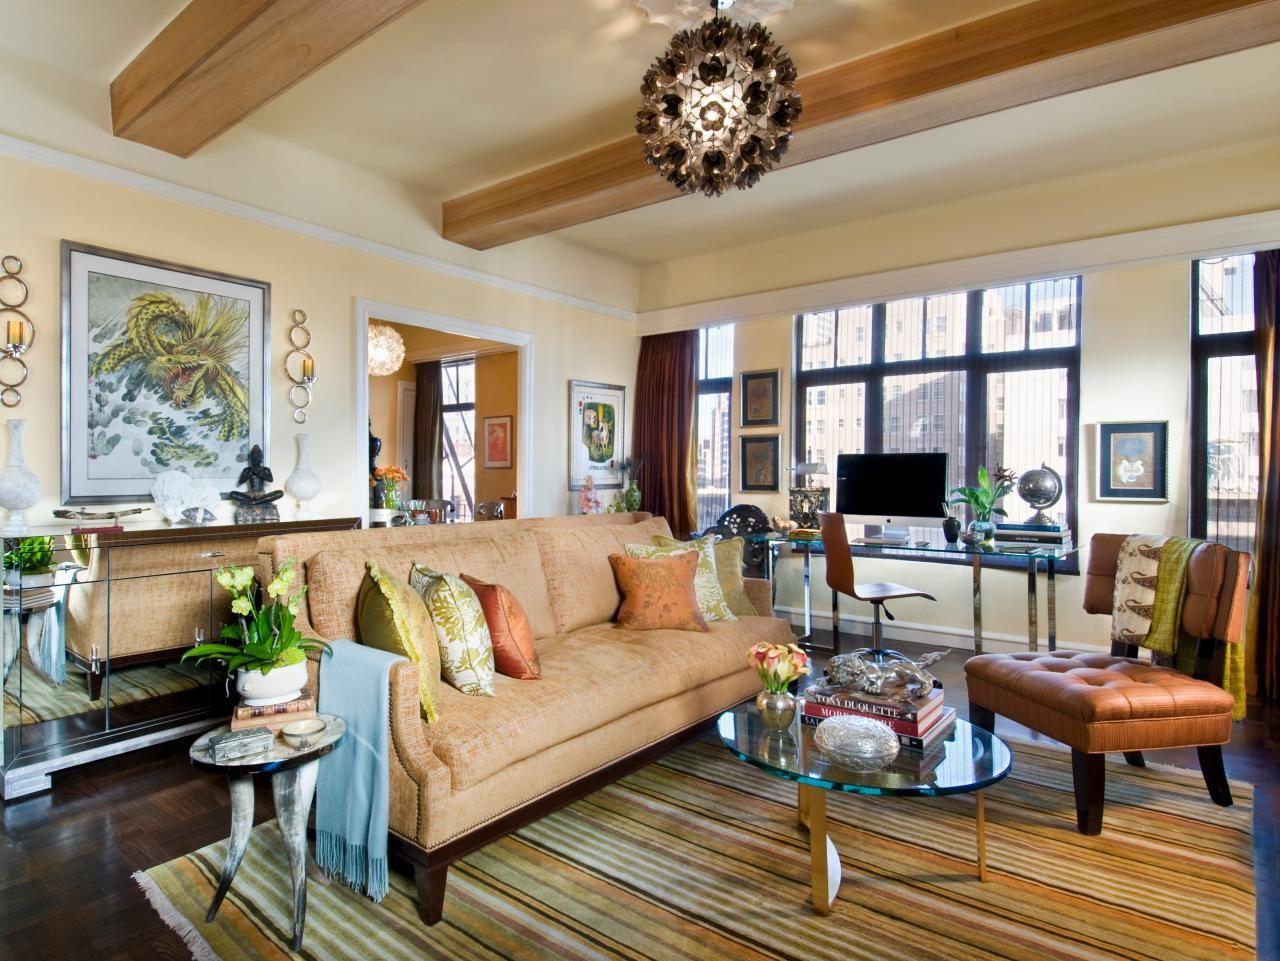 Stilvolles Kleines Raum Wohnzimmer Möbel Kleines Raum-Wohnzimmer ...